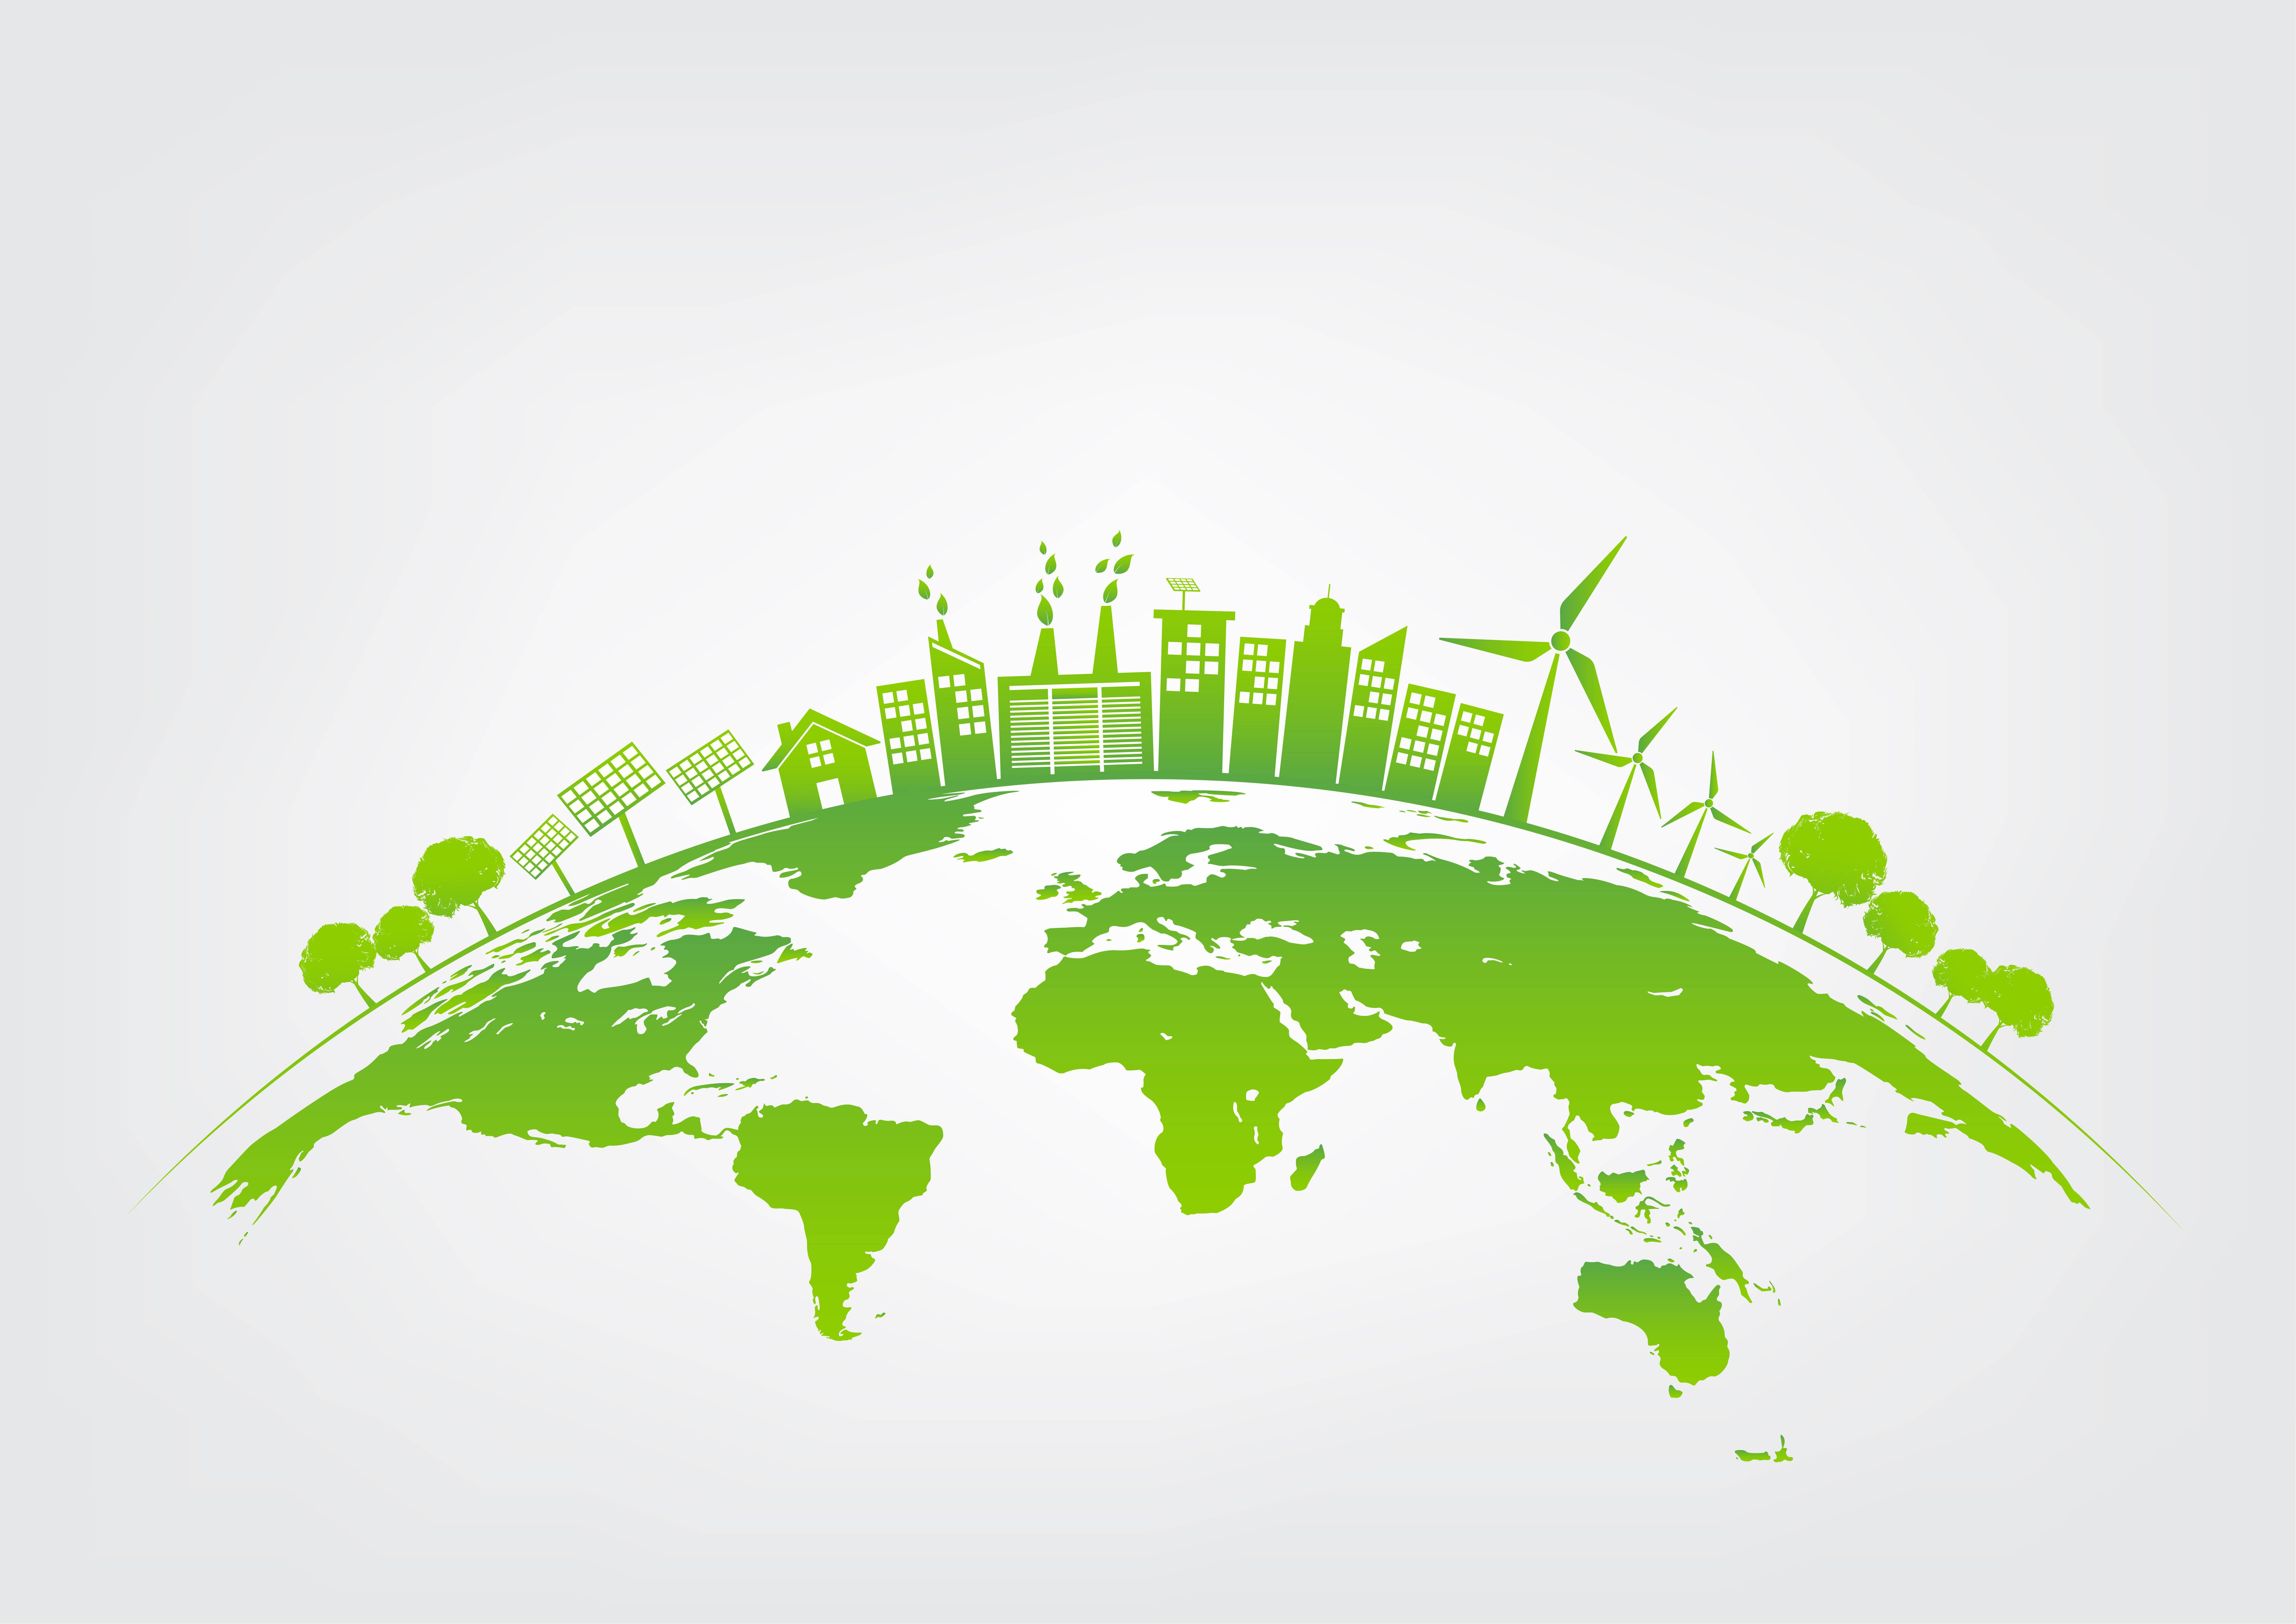 Desarrollo sostenible e industrial. Fusión de lo urbano y lo rural